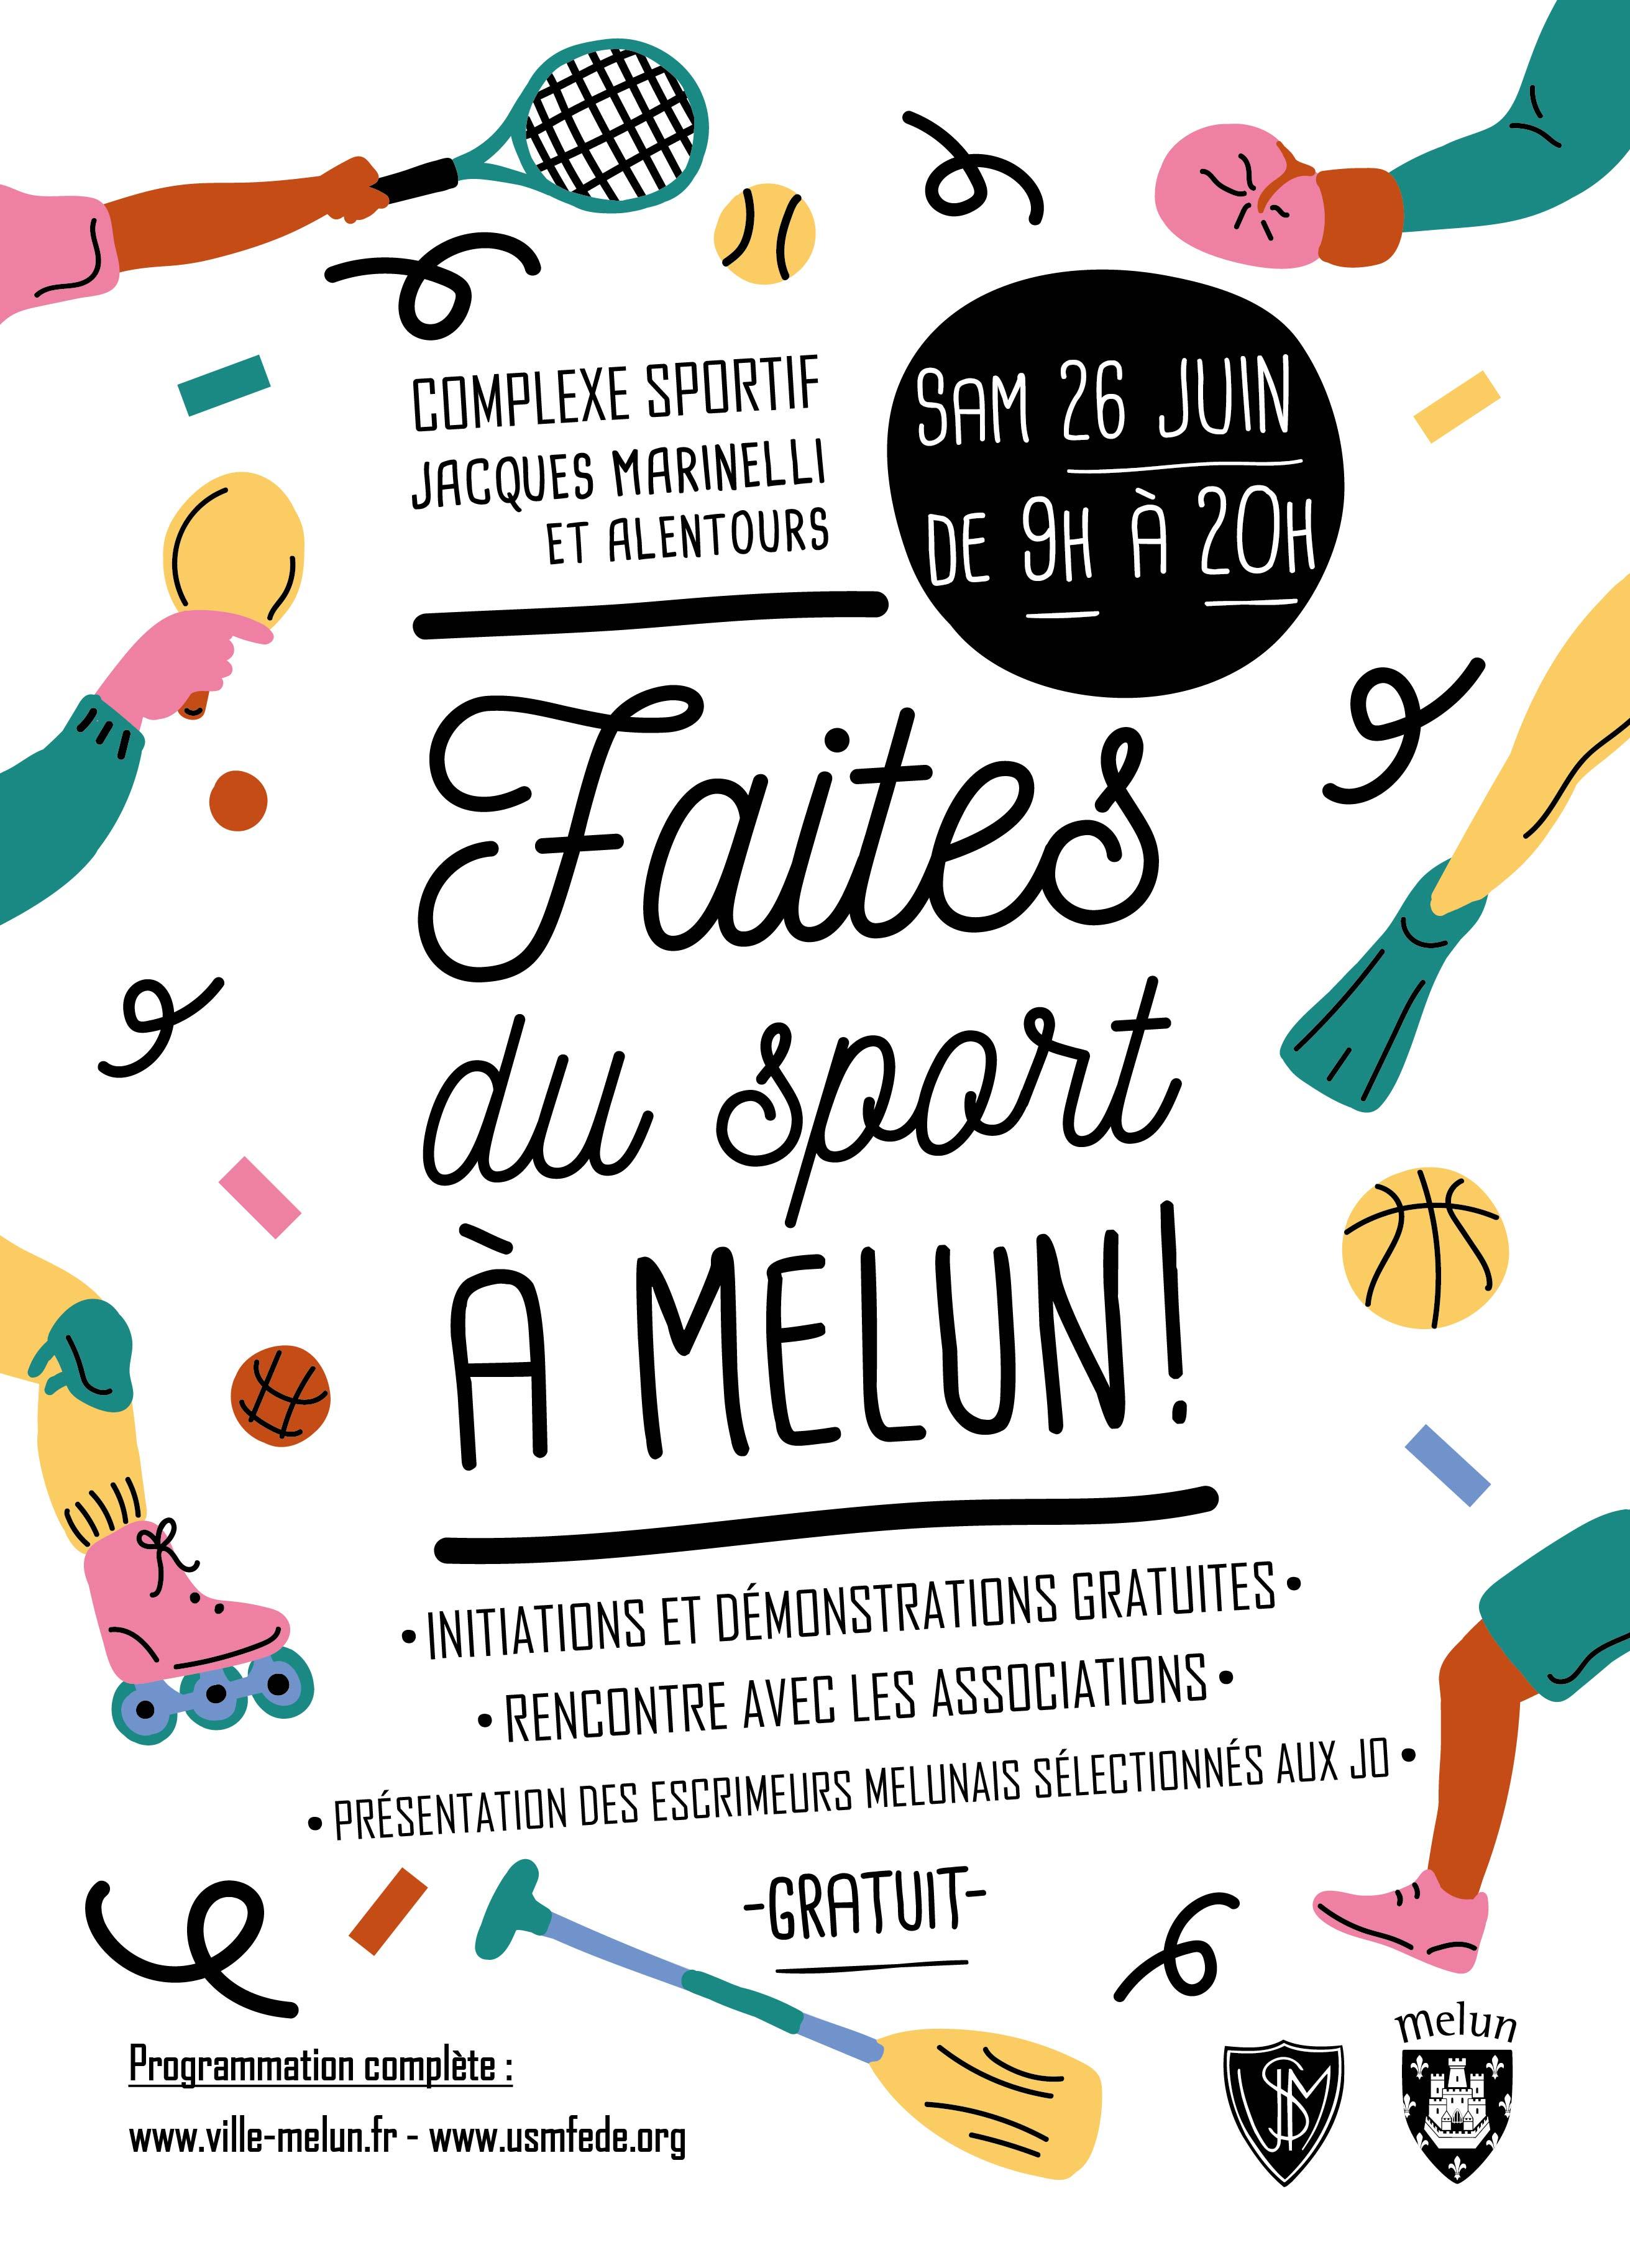 📅 La Ville de Melun organise la samedi 26 Juin, la Journée «Faites du Sport à Melun» L'occasion de découvrir les sports proposés par la ville et de profiter des différentes animations mises en place ce jour là.  🔵 #TeamFCMelun 🔴